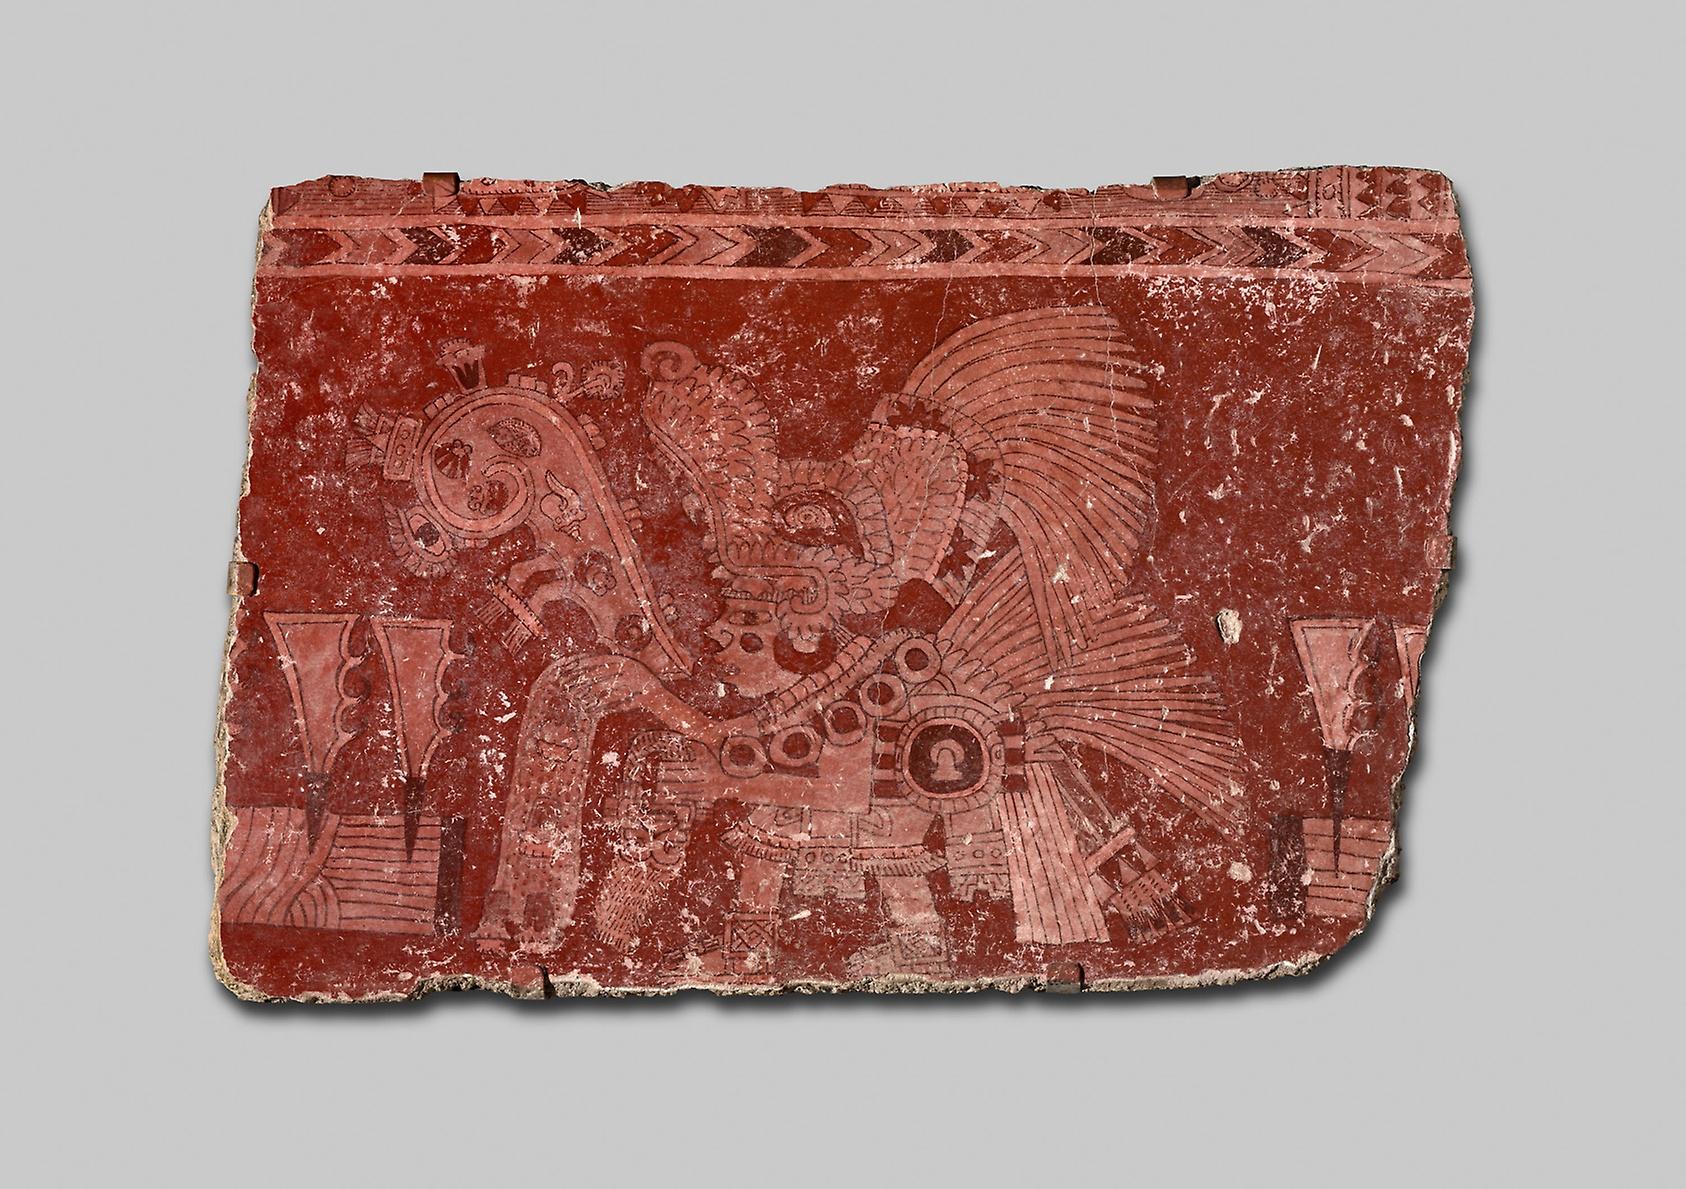 Mural Fragment Representing a Ritual of World Renewal